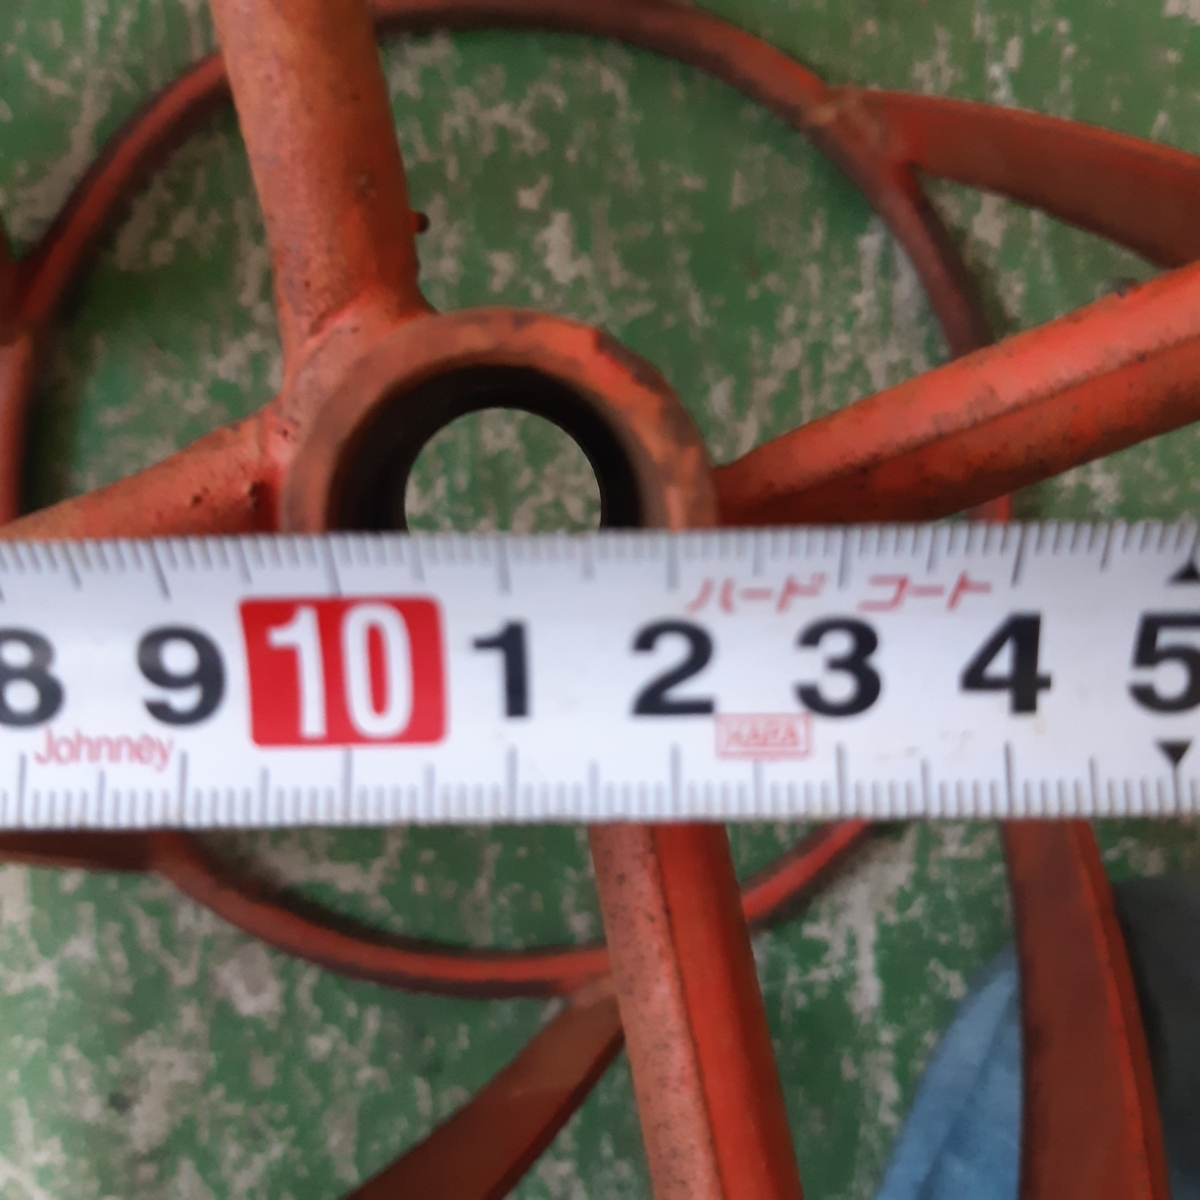 スパイラルローター 左右セット 管理機 部品 パーツ 車輪 除草 中古品_画像5